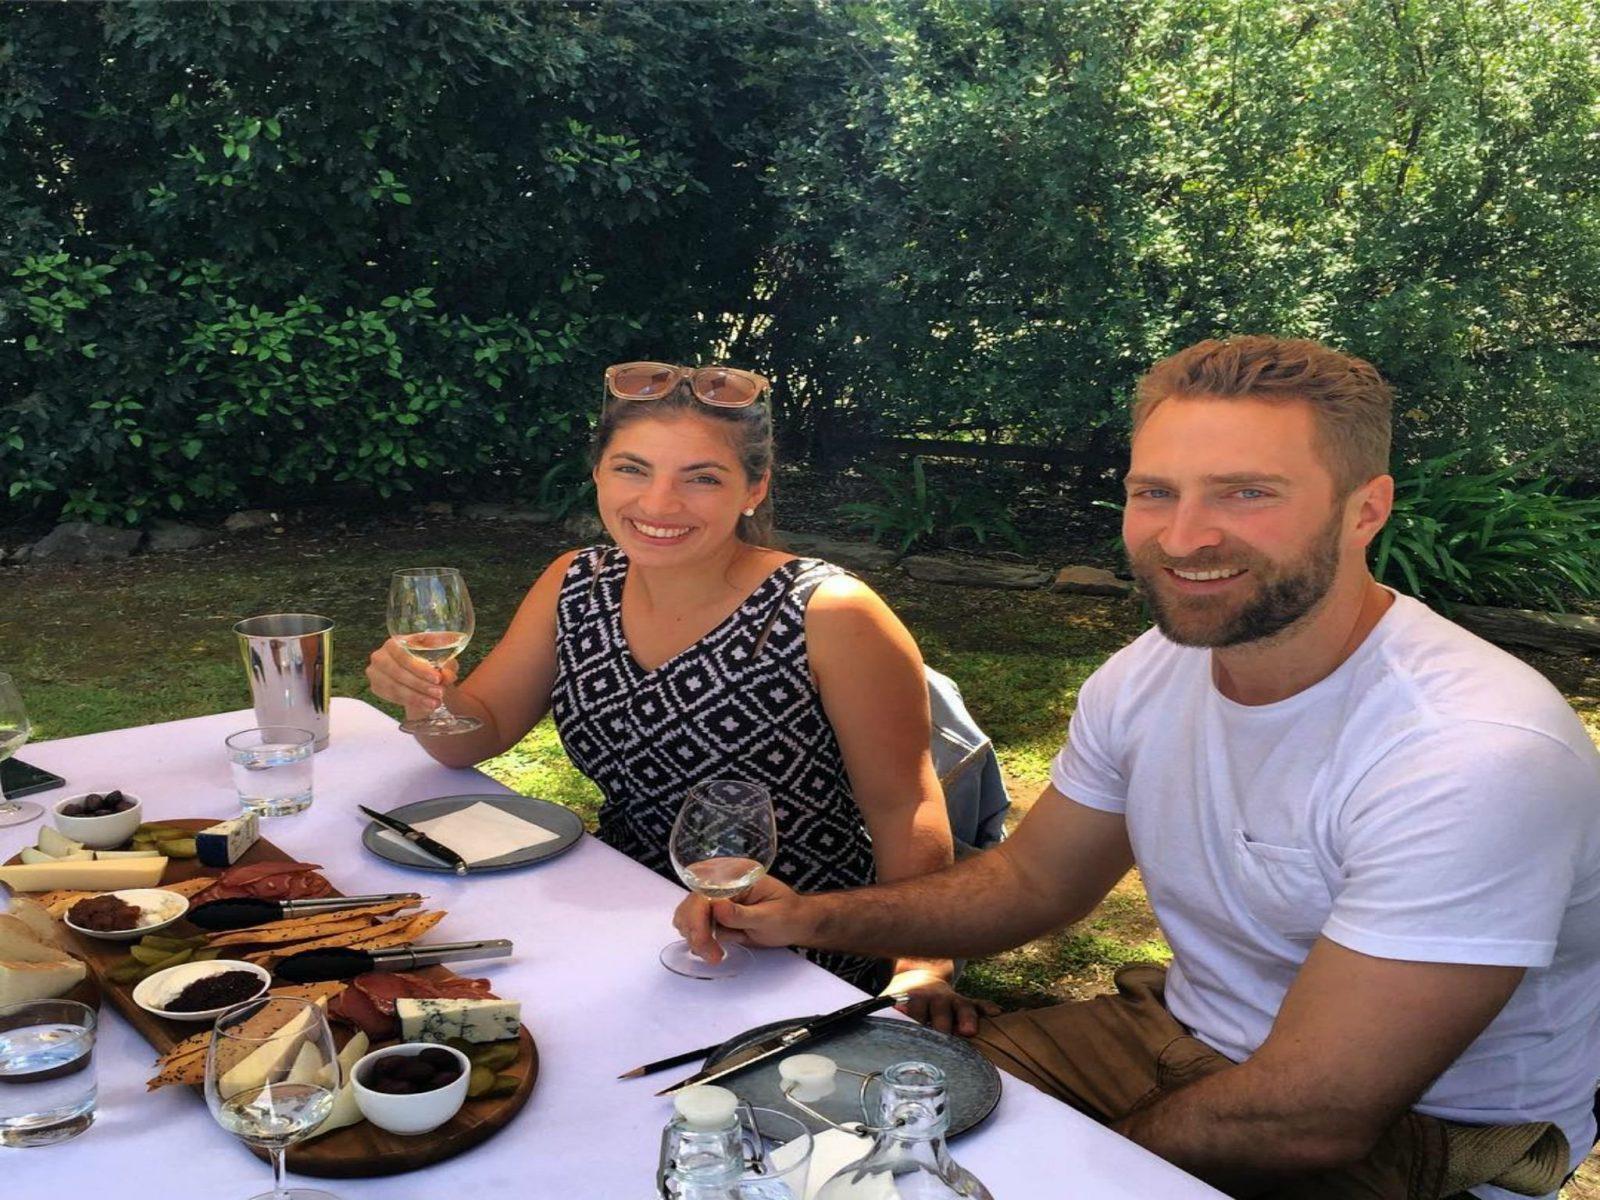 Food & wine pairing experience in garden